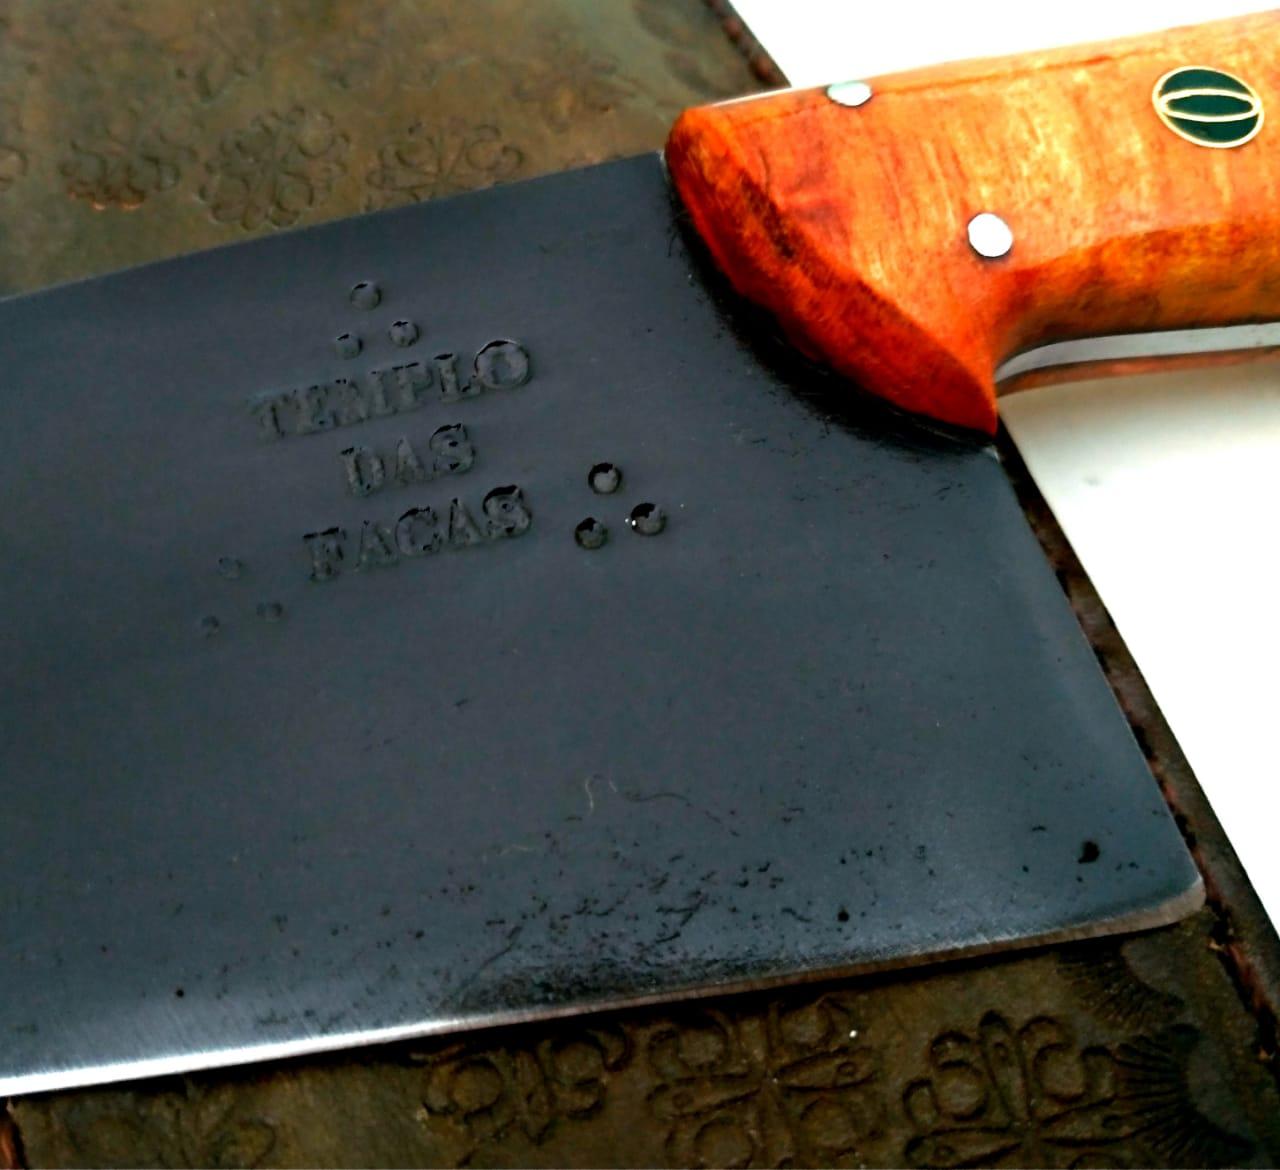 Faca artesanal negra aço carbono chef absolut 08 polegadas